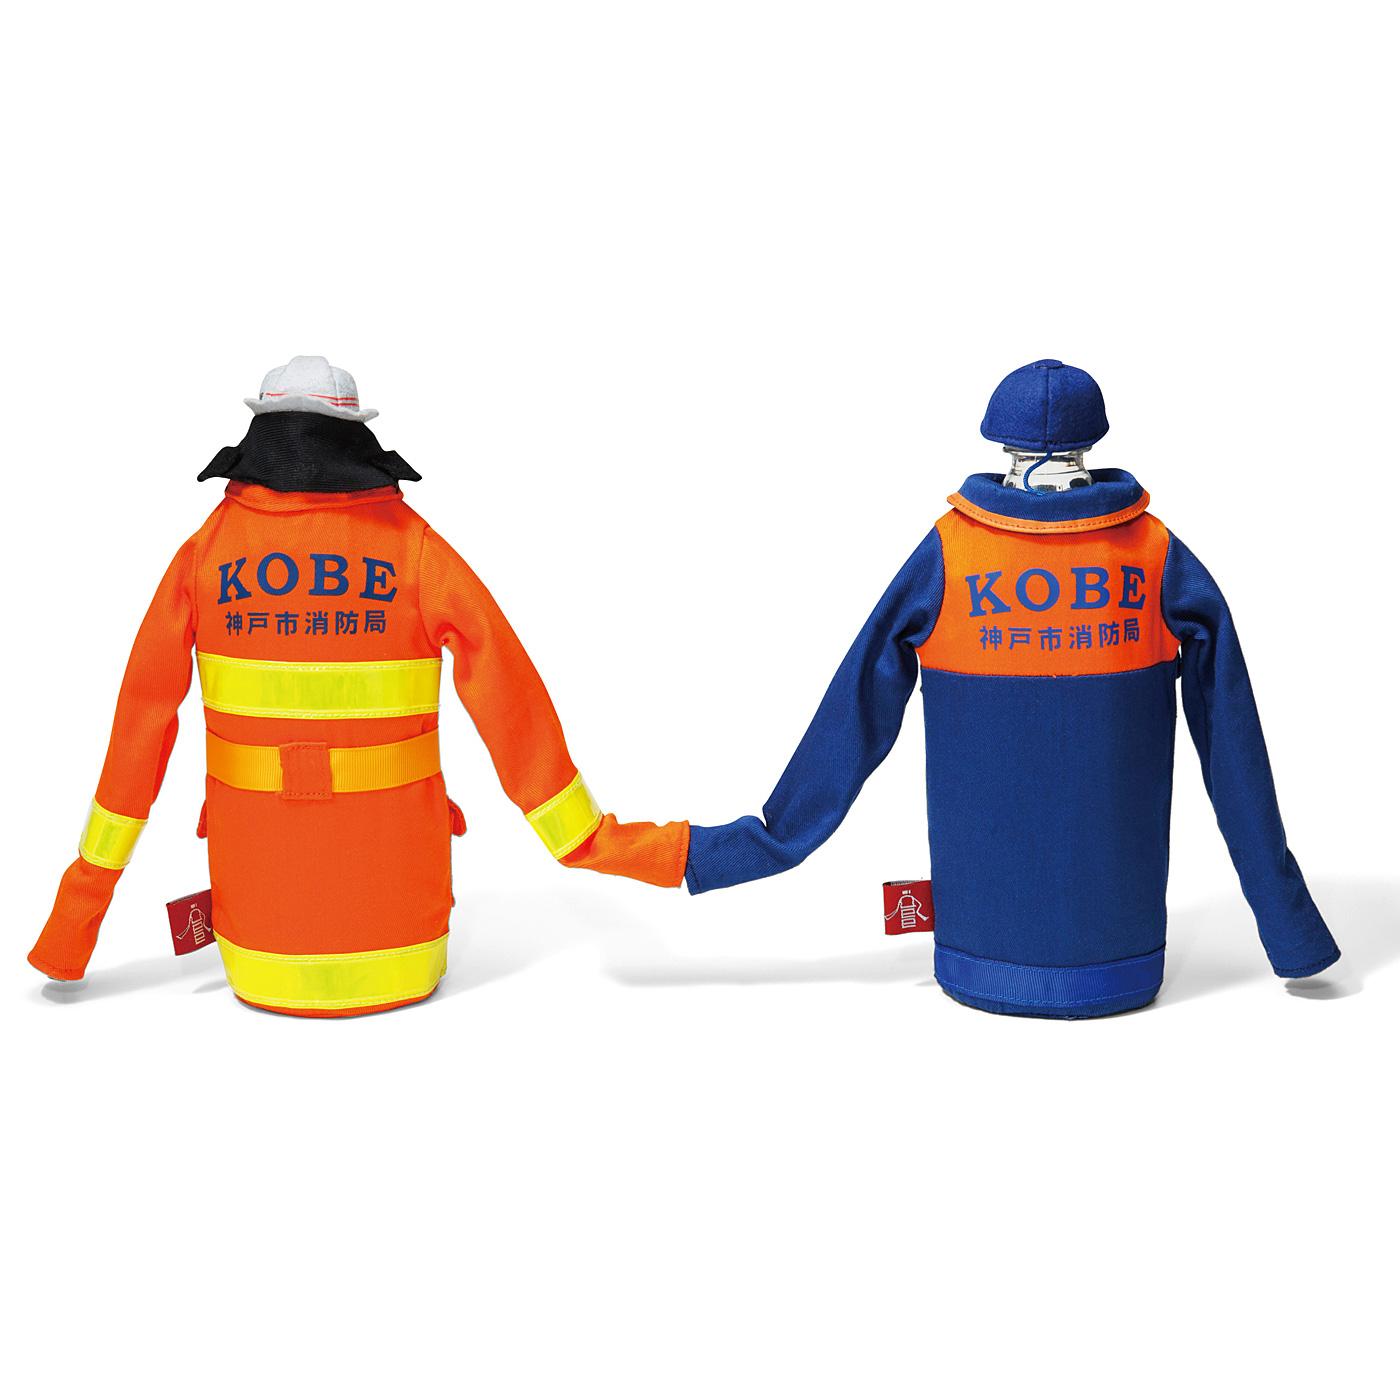 袖口の留め具で、手をつなぐことができます。 後ろ姿や細部にまでこだわった本格仕様です。※オレンジは販売終了しました。